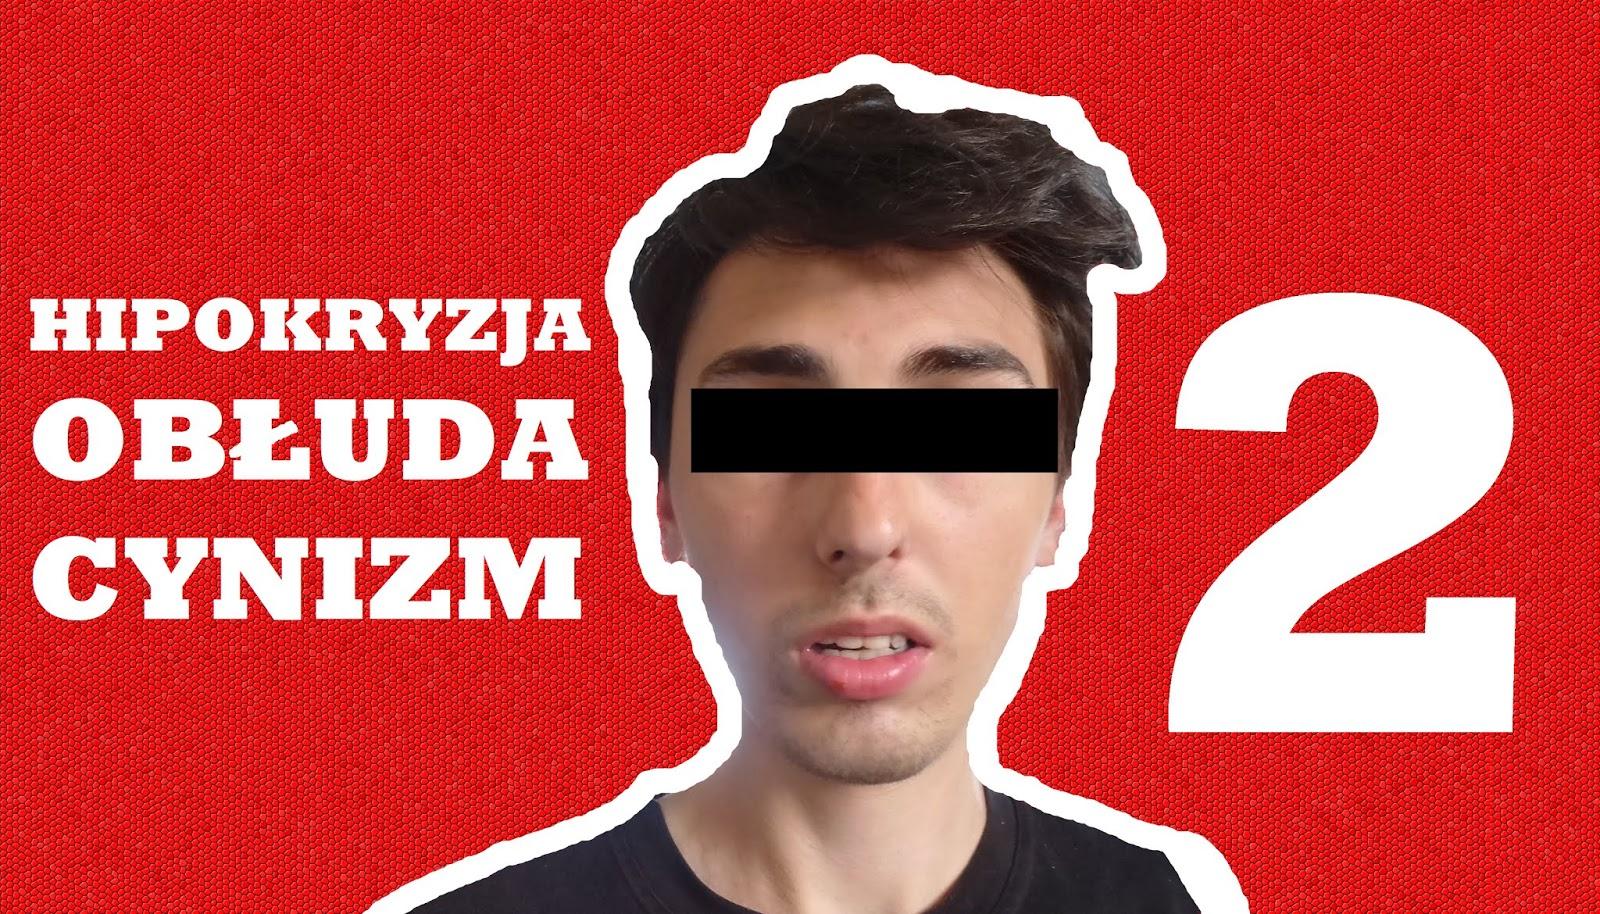 HIPOKRYZJA, OBŁUDA, CYNIZM vol. 2